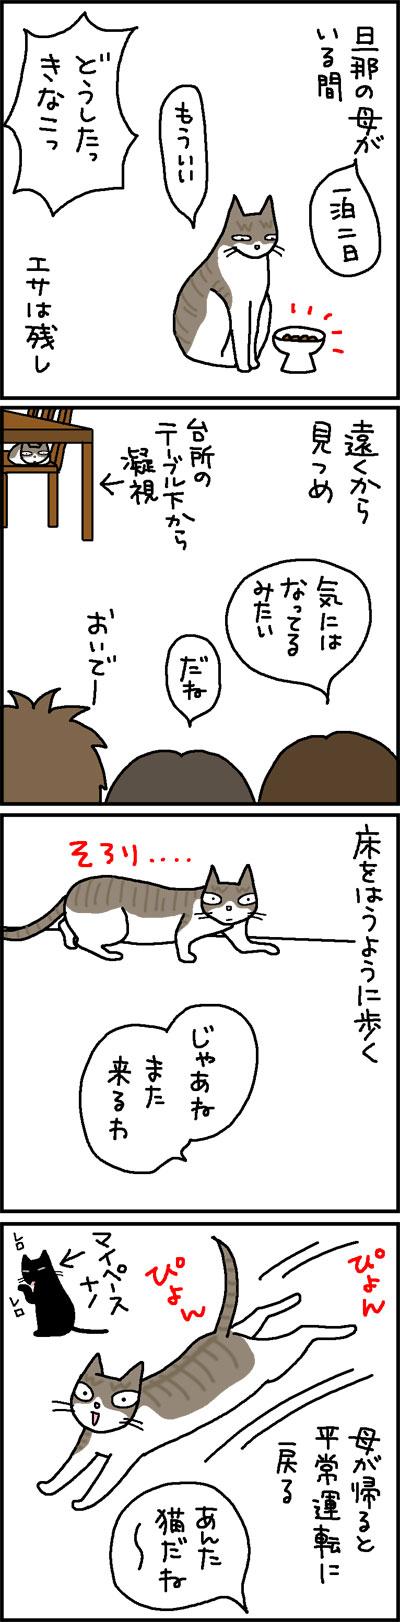 見かけない人が来た時のネコの反応の4コマネコ漫画